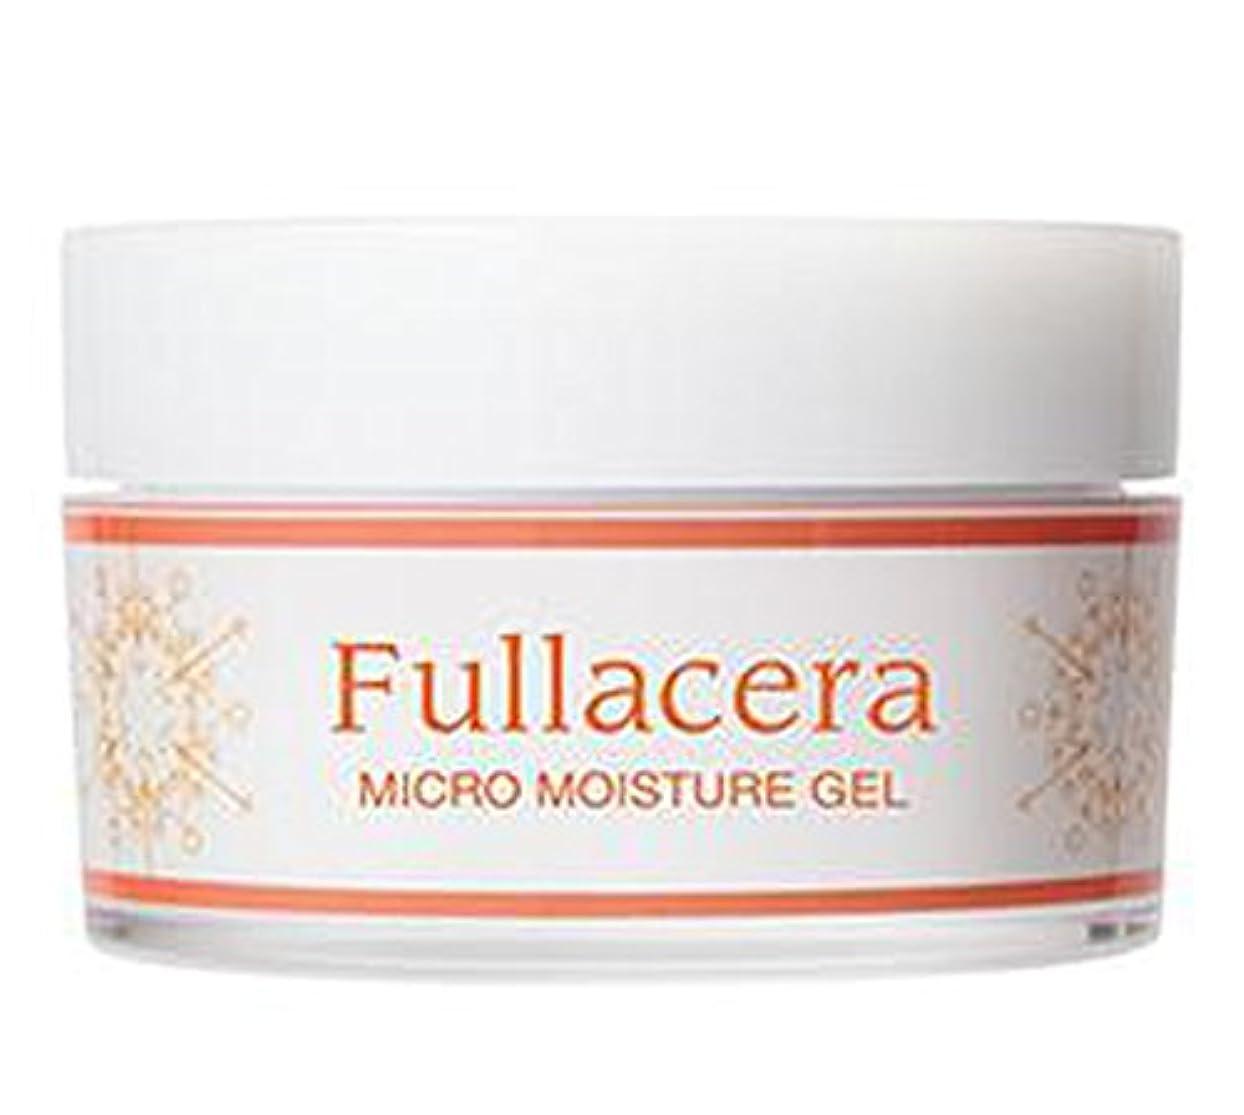 肉の球状増強するフラセラ(Fullacera) マイクロモイスチャーゲル クリーム 60g